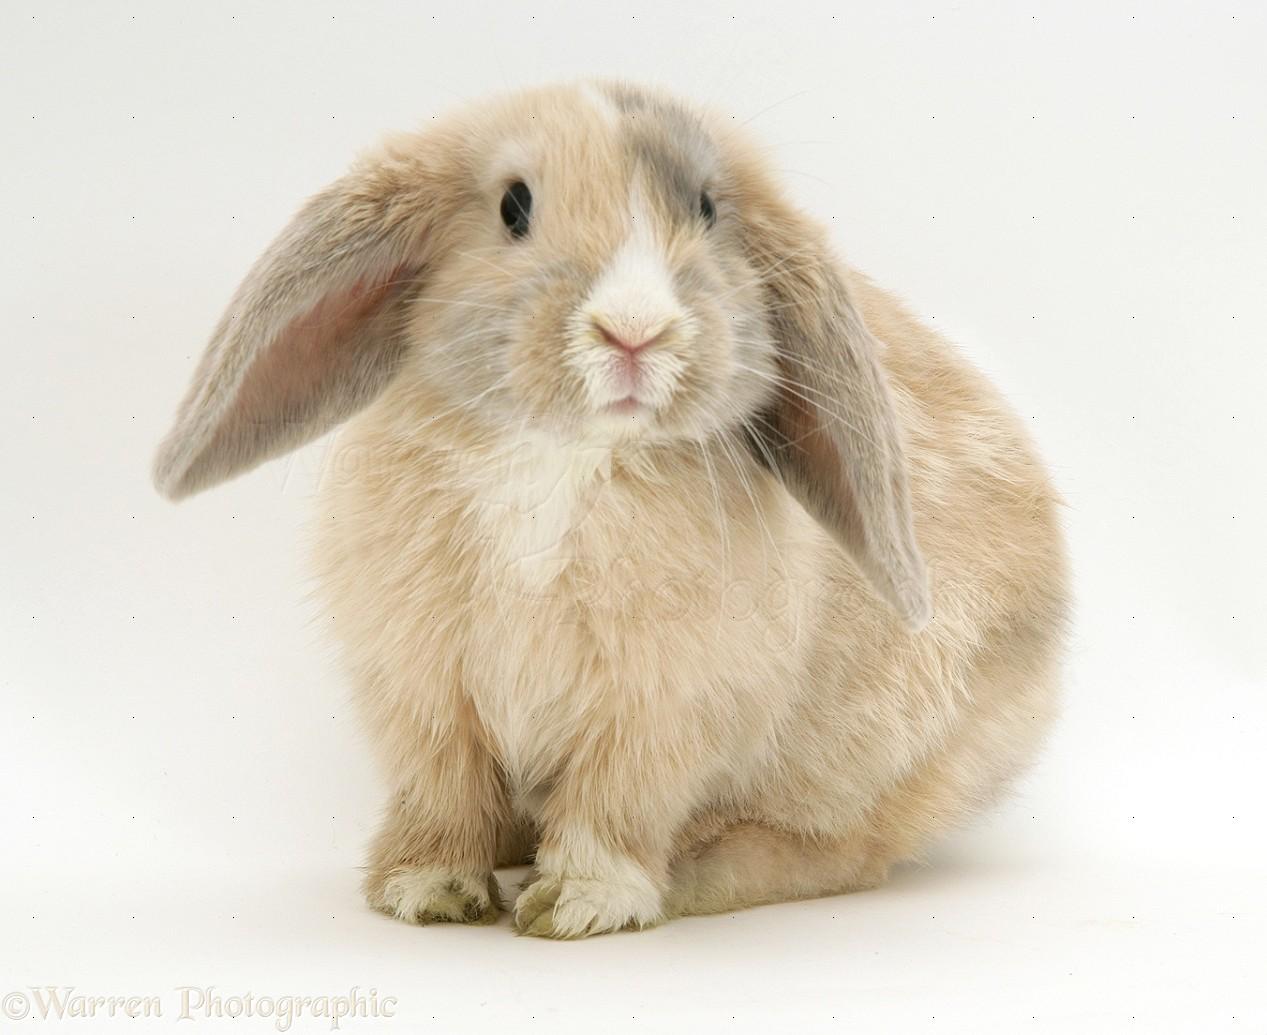 Dwarf lop rabbits - photo#5